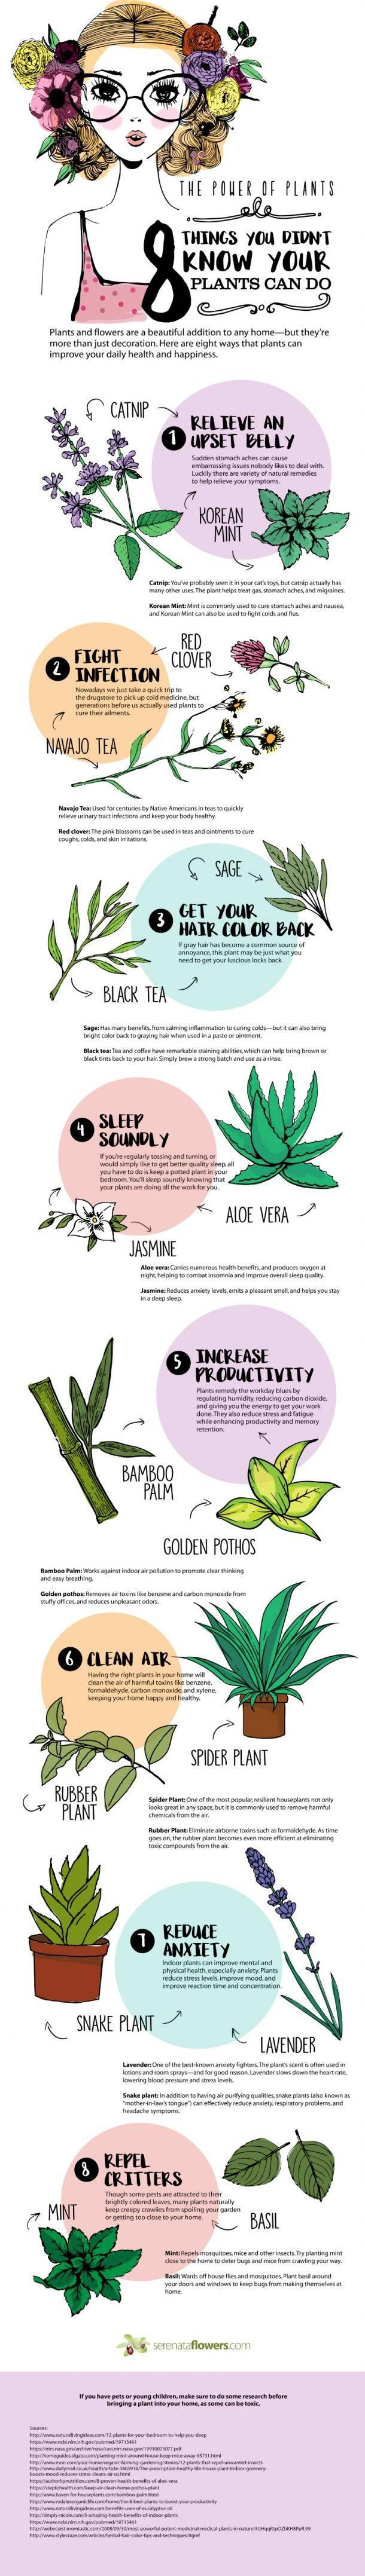 powers of plants